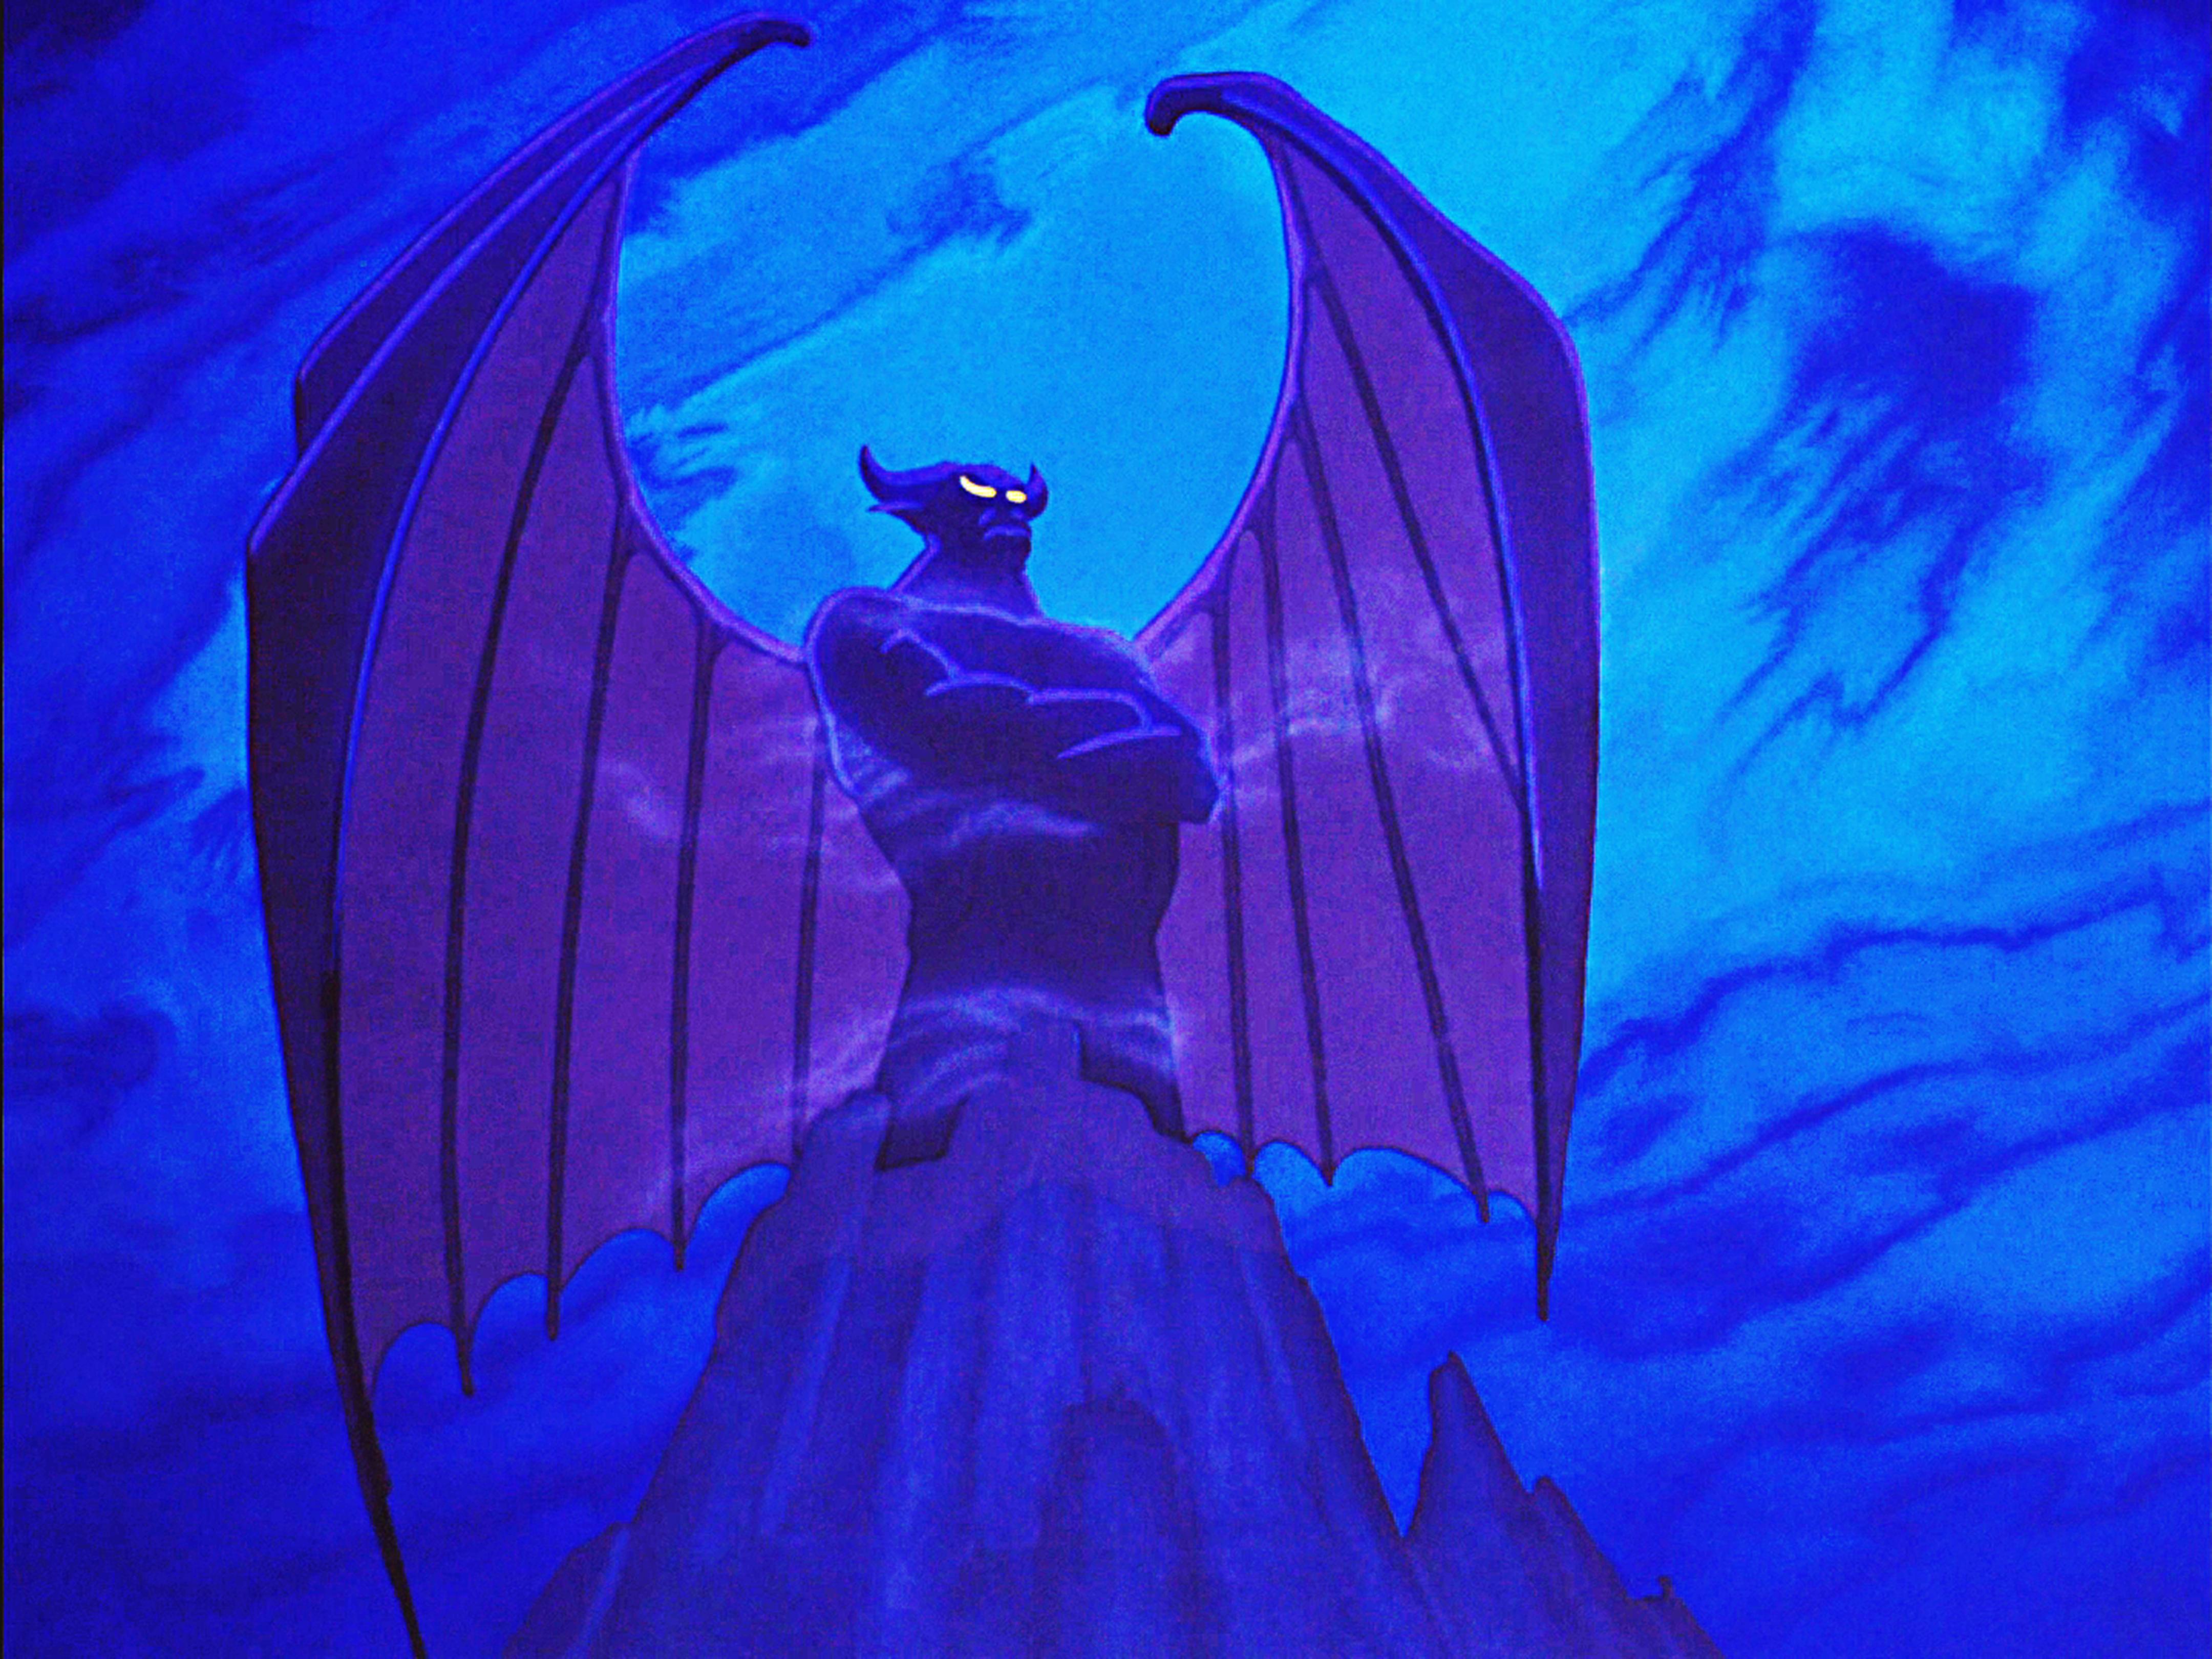 [Sinfonía de Brujería] Una noche en el Monte Calvo Walt-Disney-Screencaps-Chernabog-walt-disney-characters-37843702-4320-3240